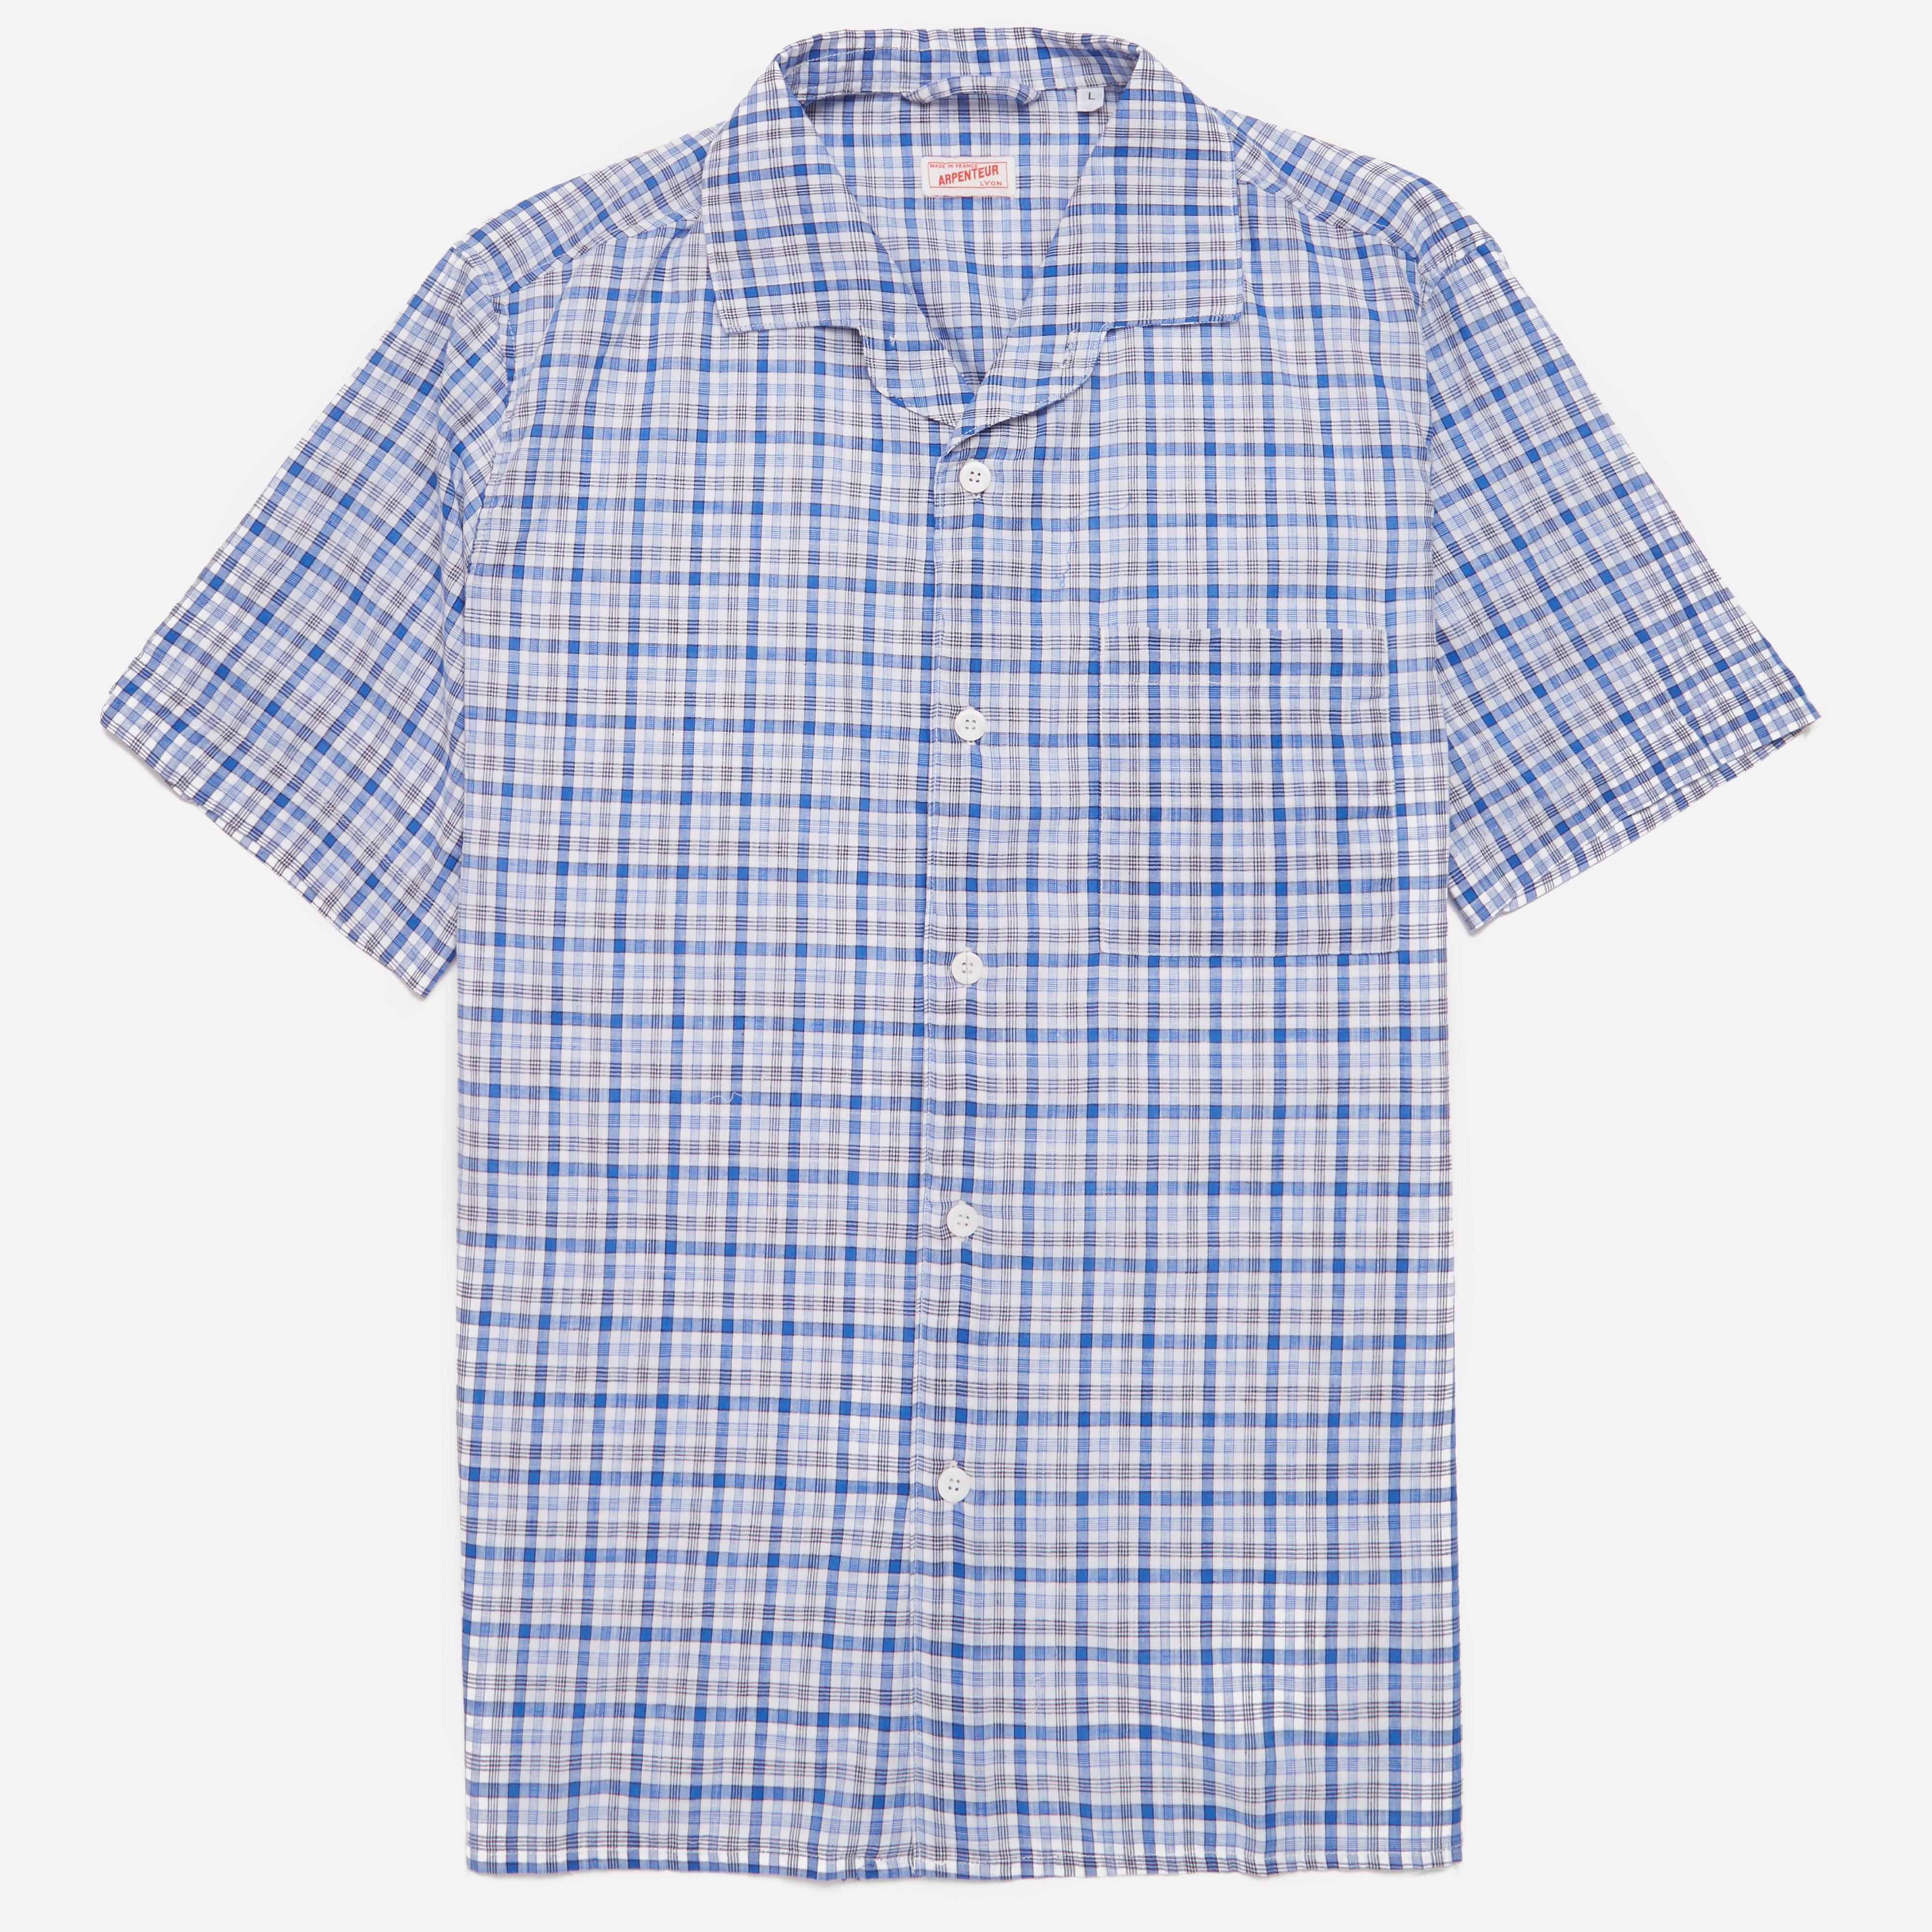 Arpenteur Pyjama Check Shirt